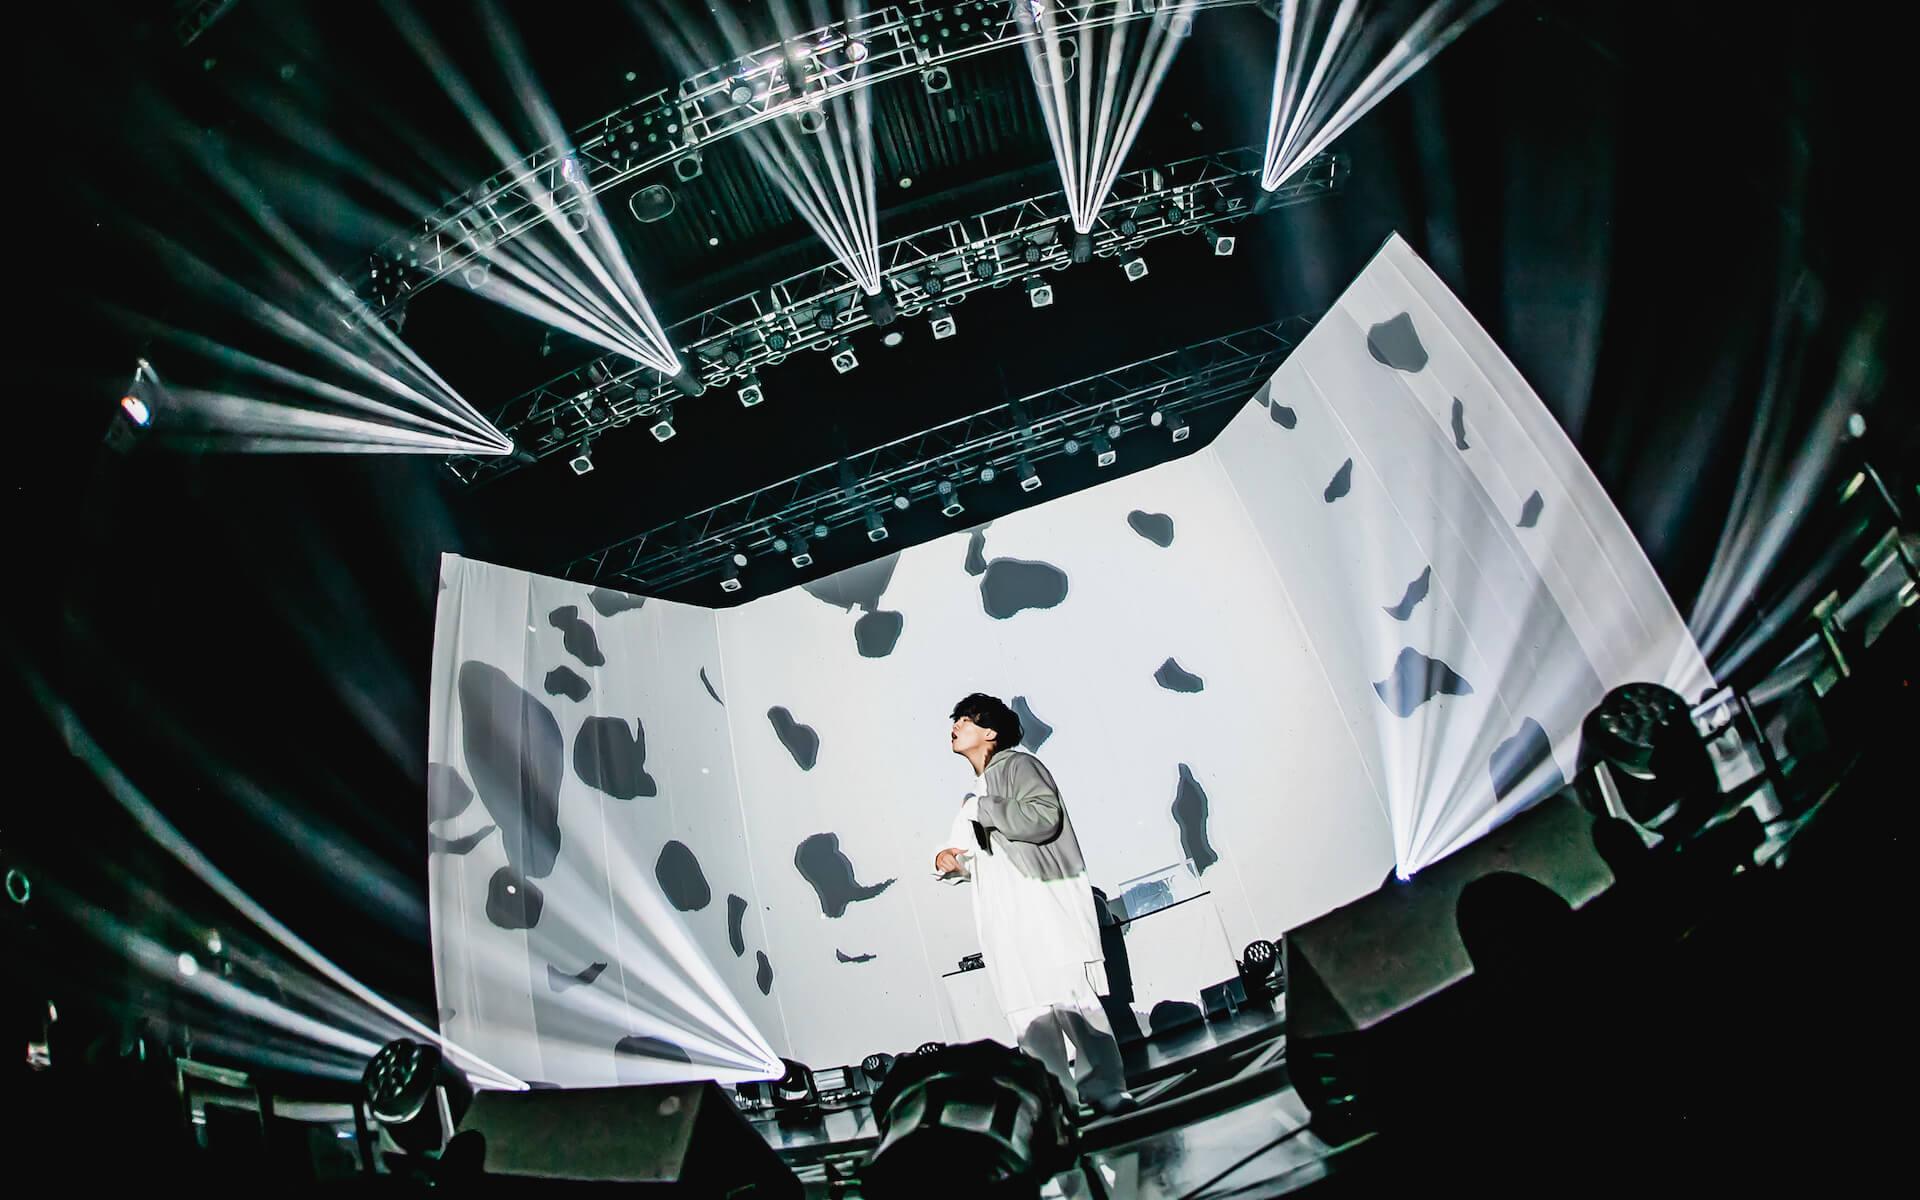 """クボタカイが1stアルバム発売記念ツアーを全国4都市完走!ファイナルで新曲""""エックスフレンド""""のリリースも発表 music210917_kubotakai_tour_05"""